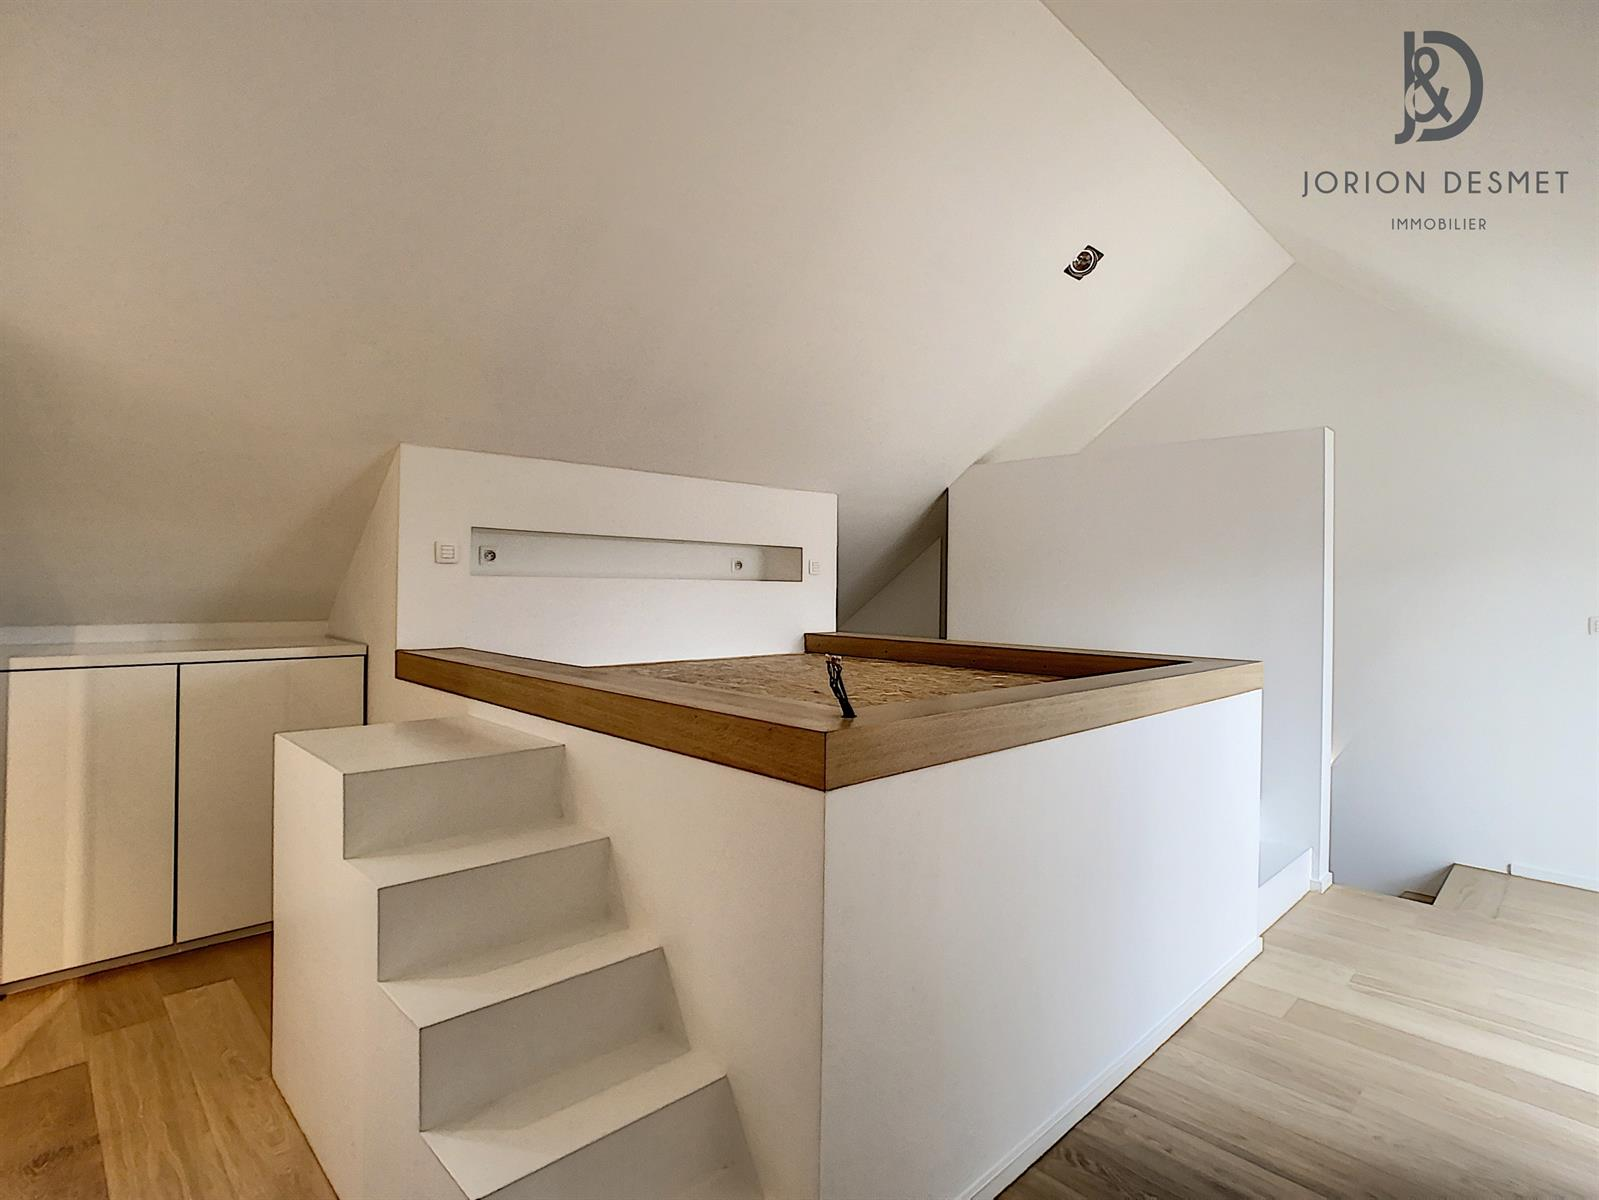 Superbe duplex rénové